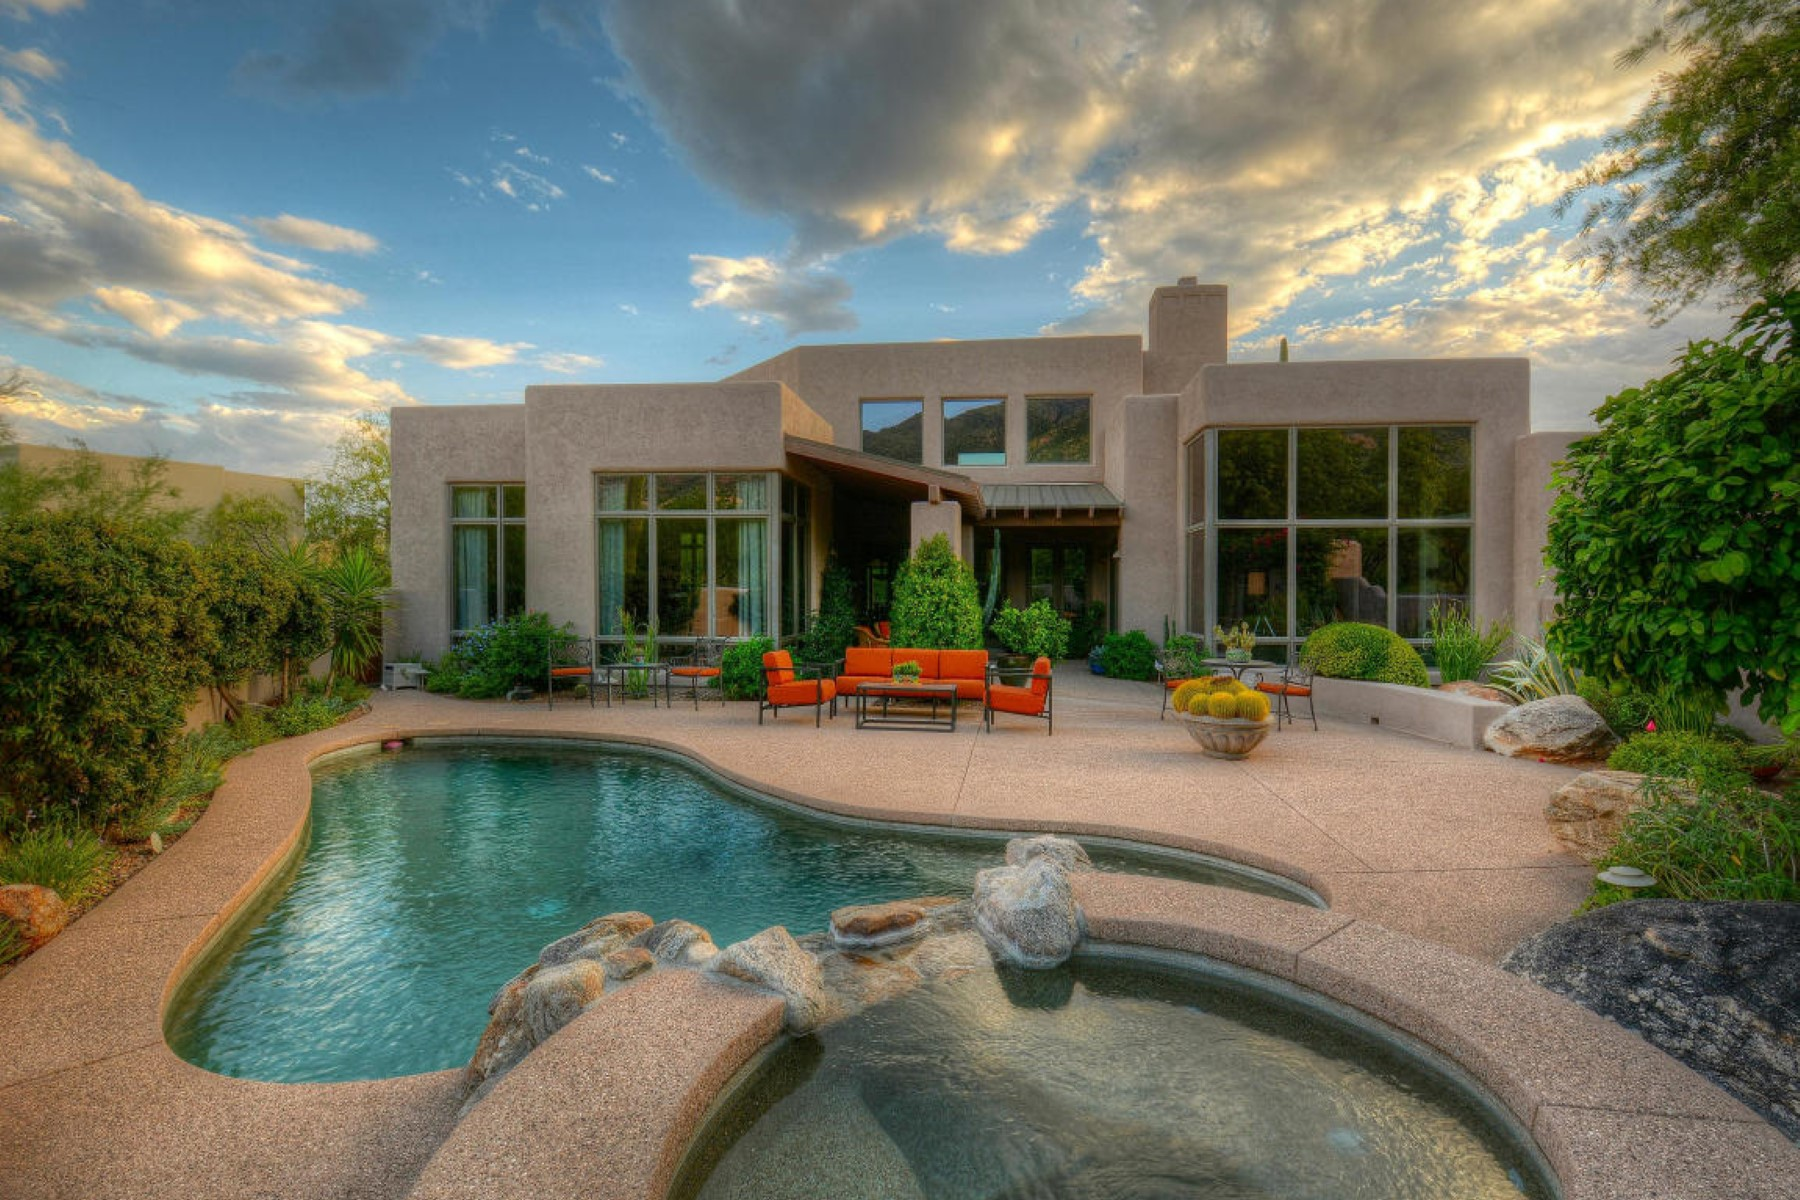 Einfamilienhaus für Verkauf beim Perfect Ultra-Custom Soft Contemporary home with views 6474 N Lazulite Place Tucson, Arizona, 85750 Vereinigte Staaten